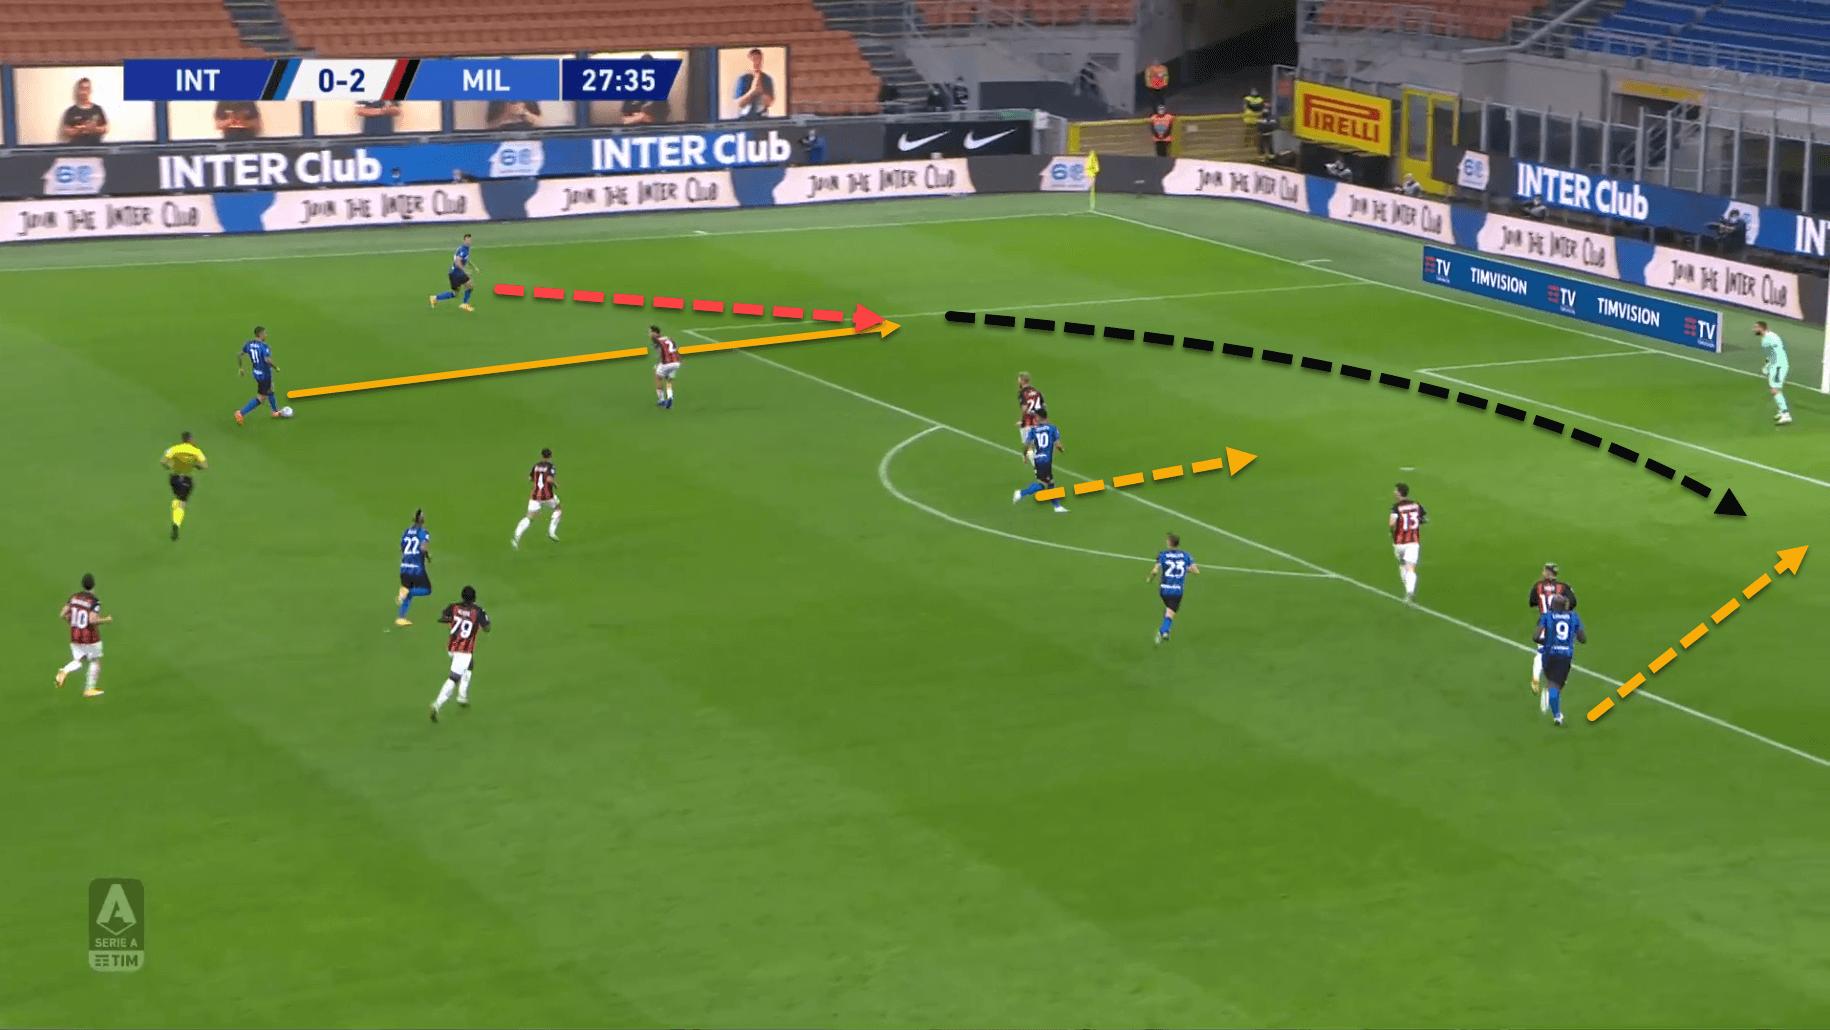 Serie A 2020/21: Inter vs Milan - tactical analysis tactics